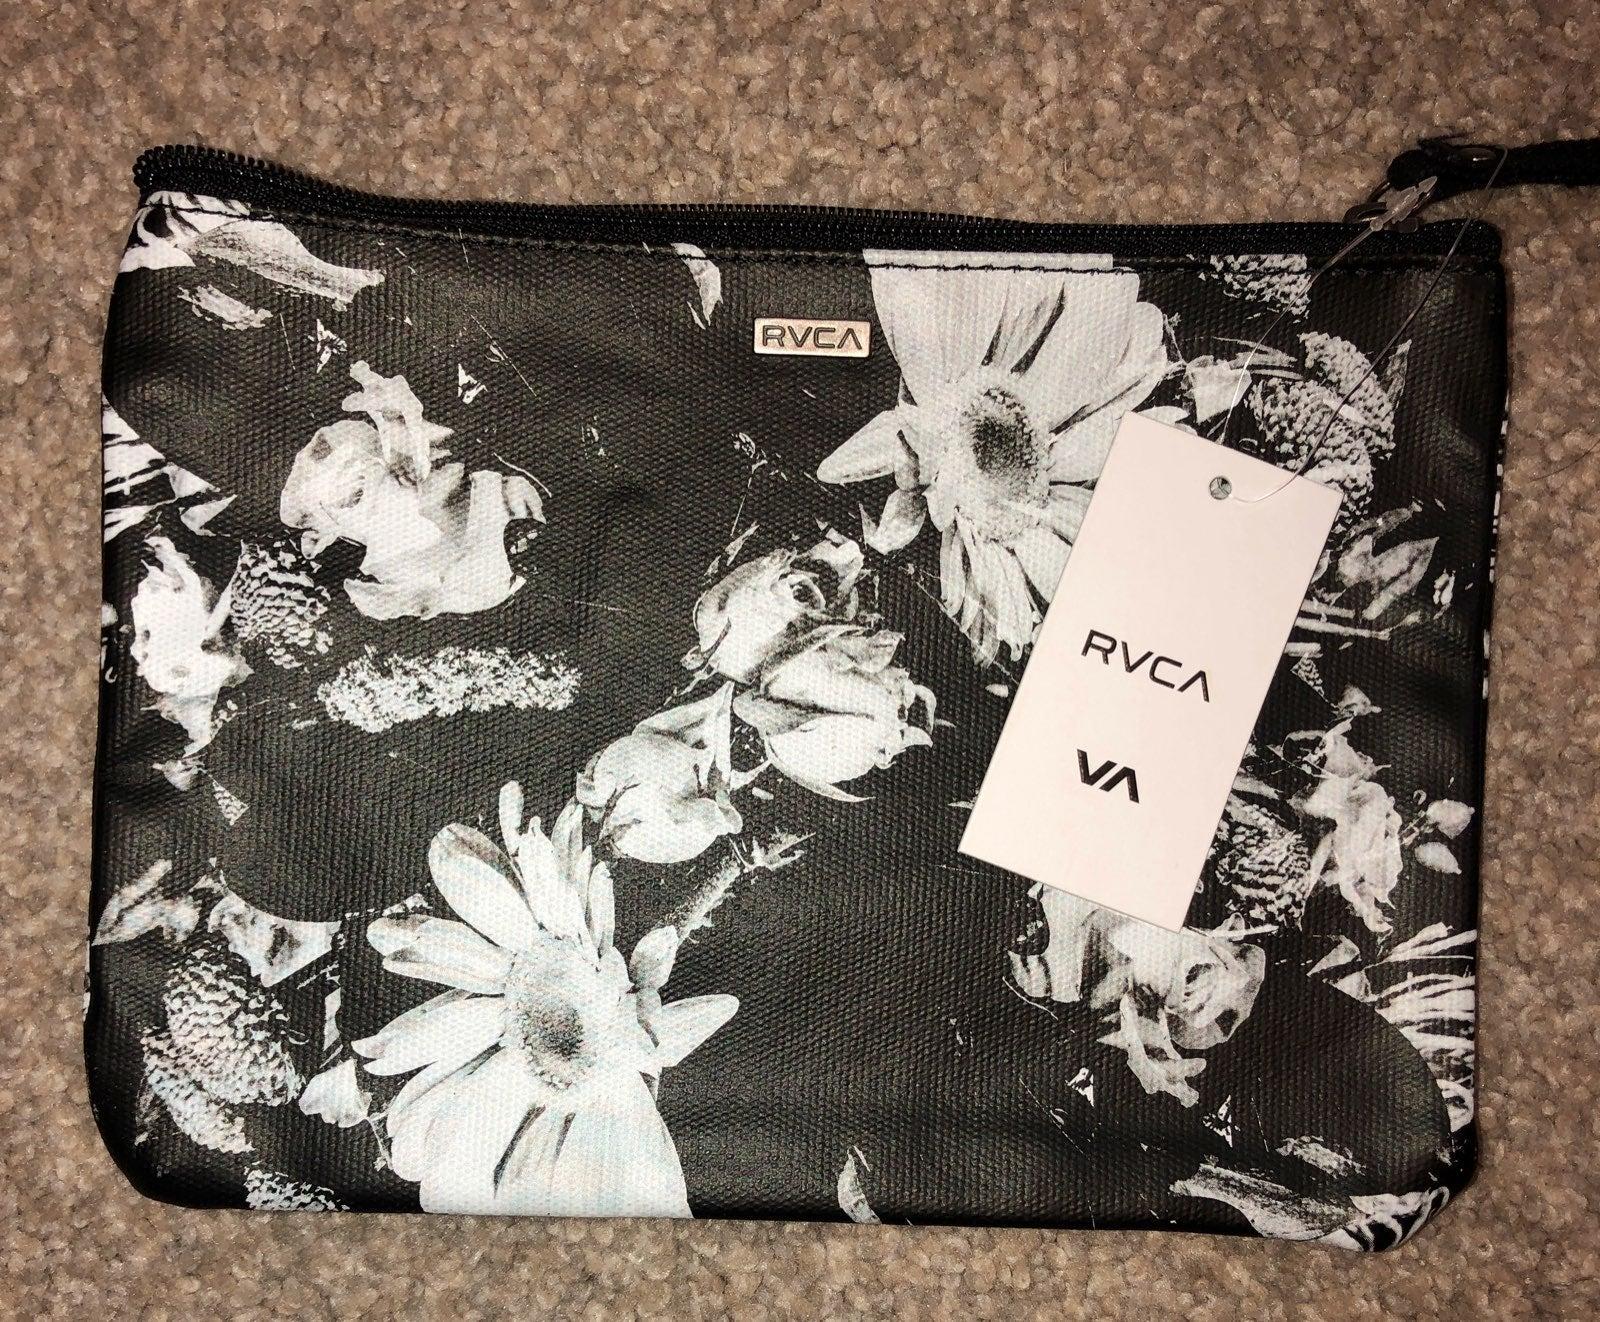 RVCA Small bags